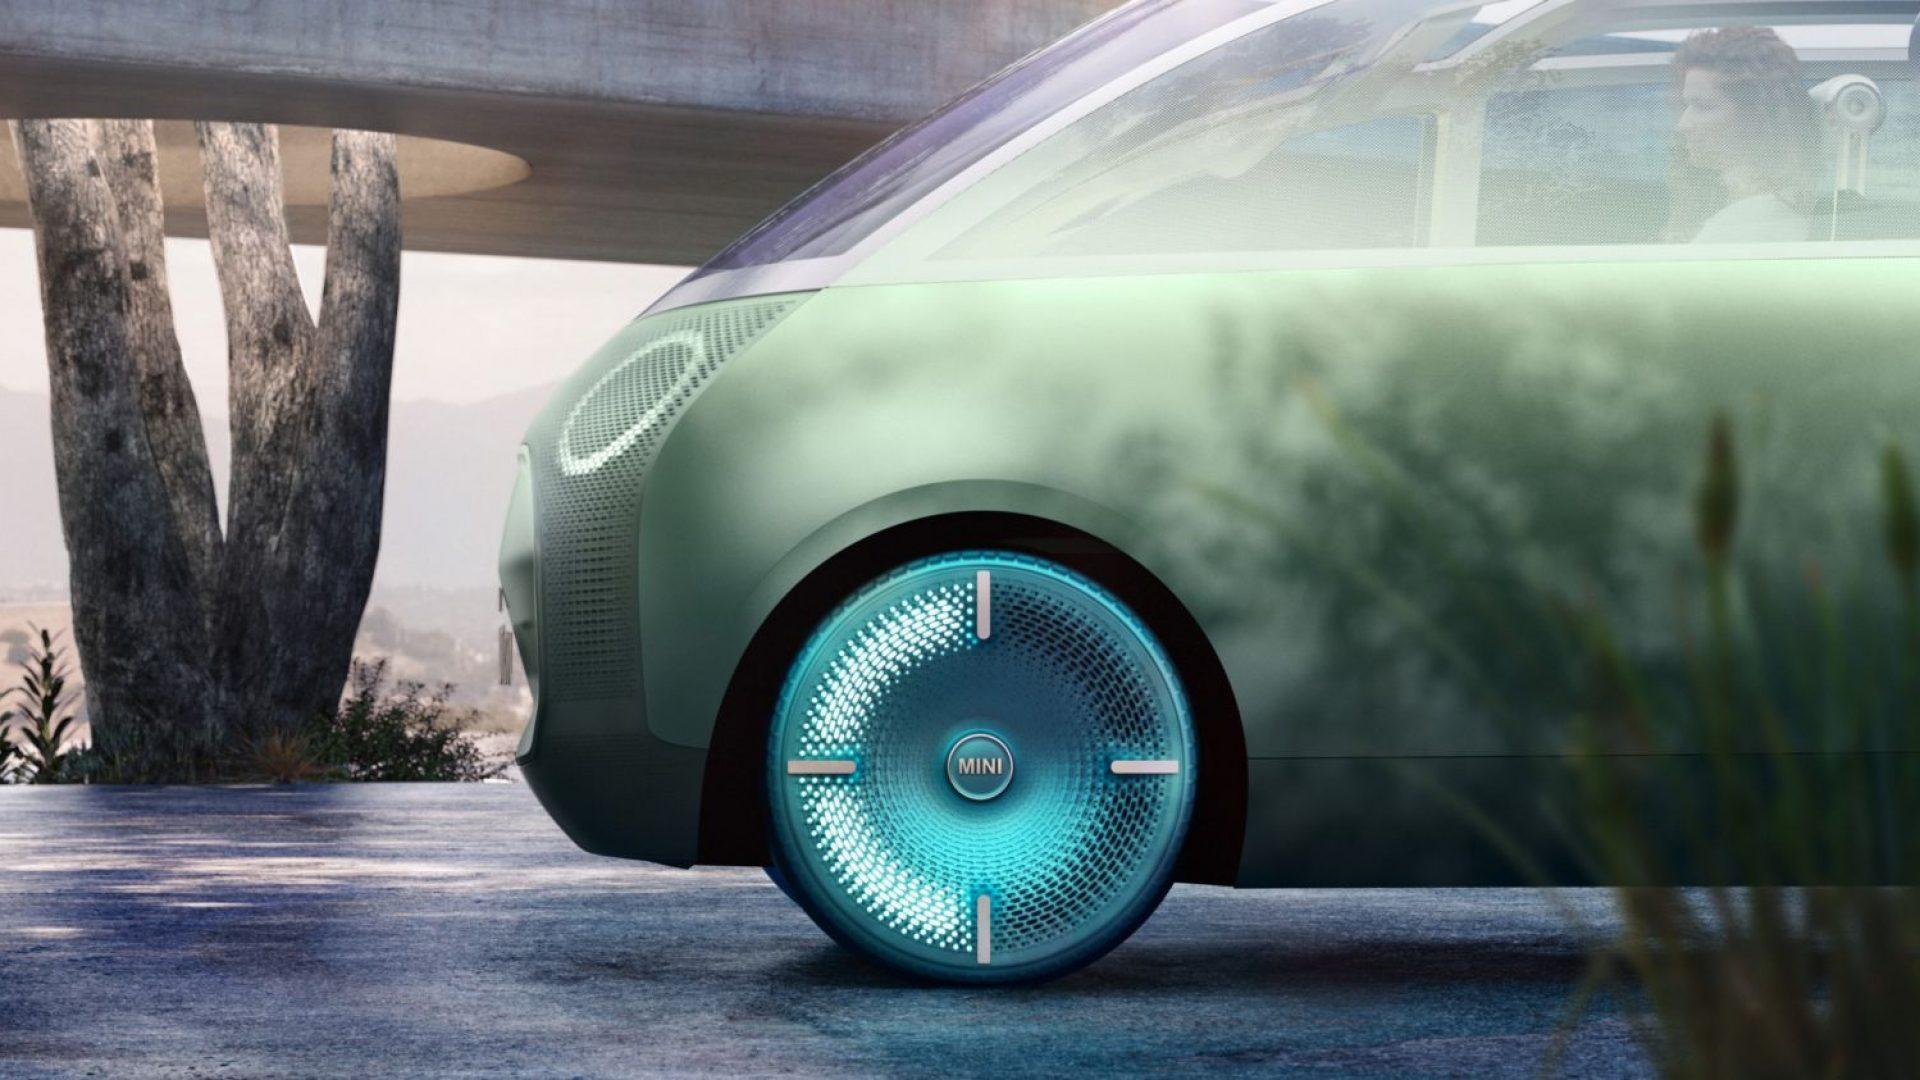 2020-Mini-Vision-Urbanaut-Concept-10